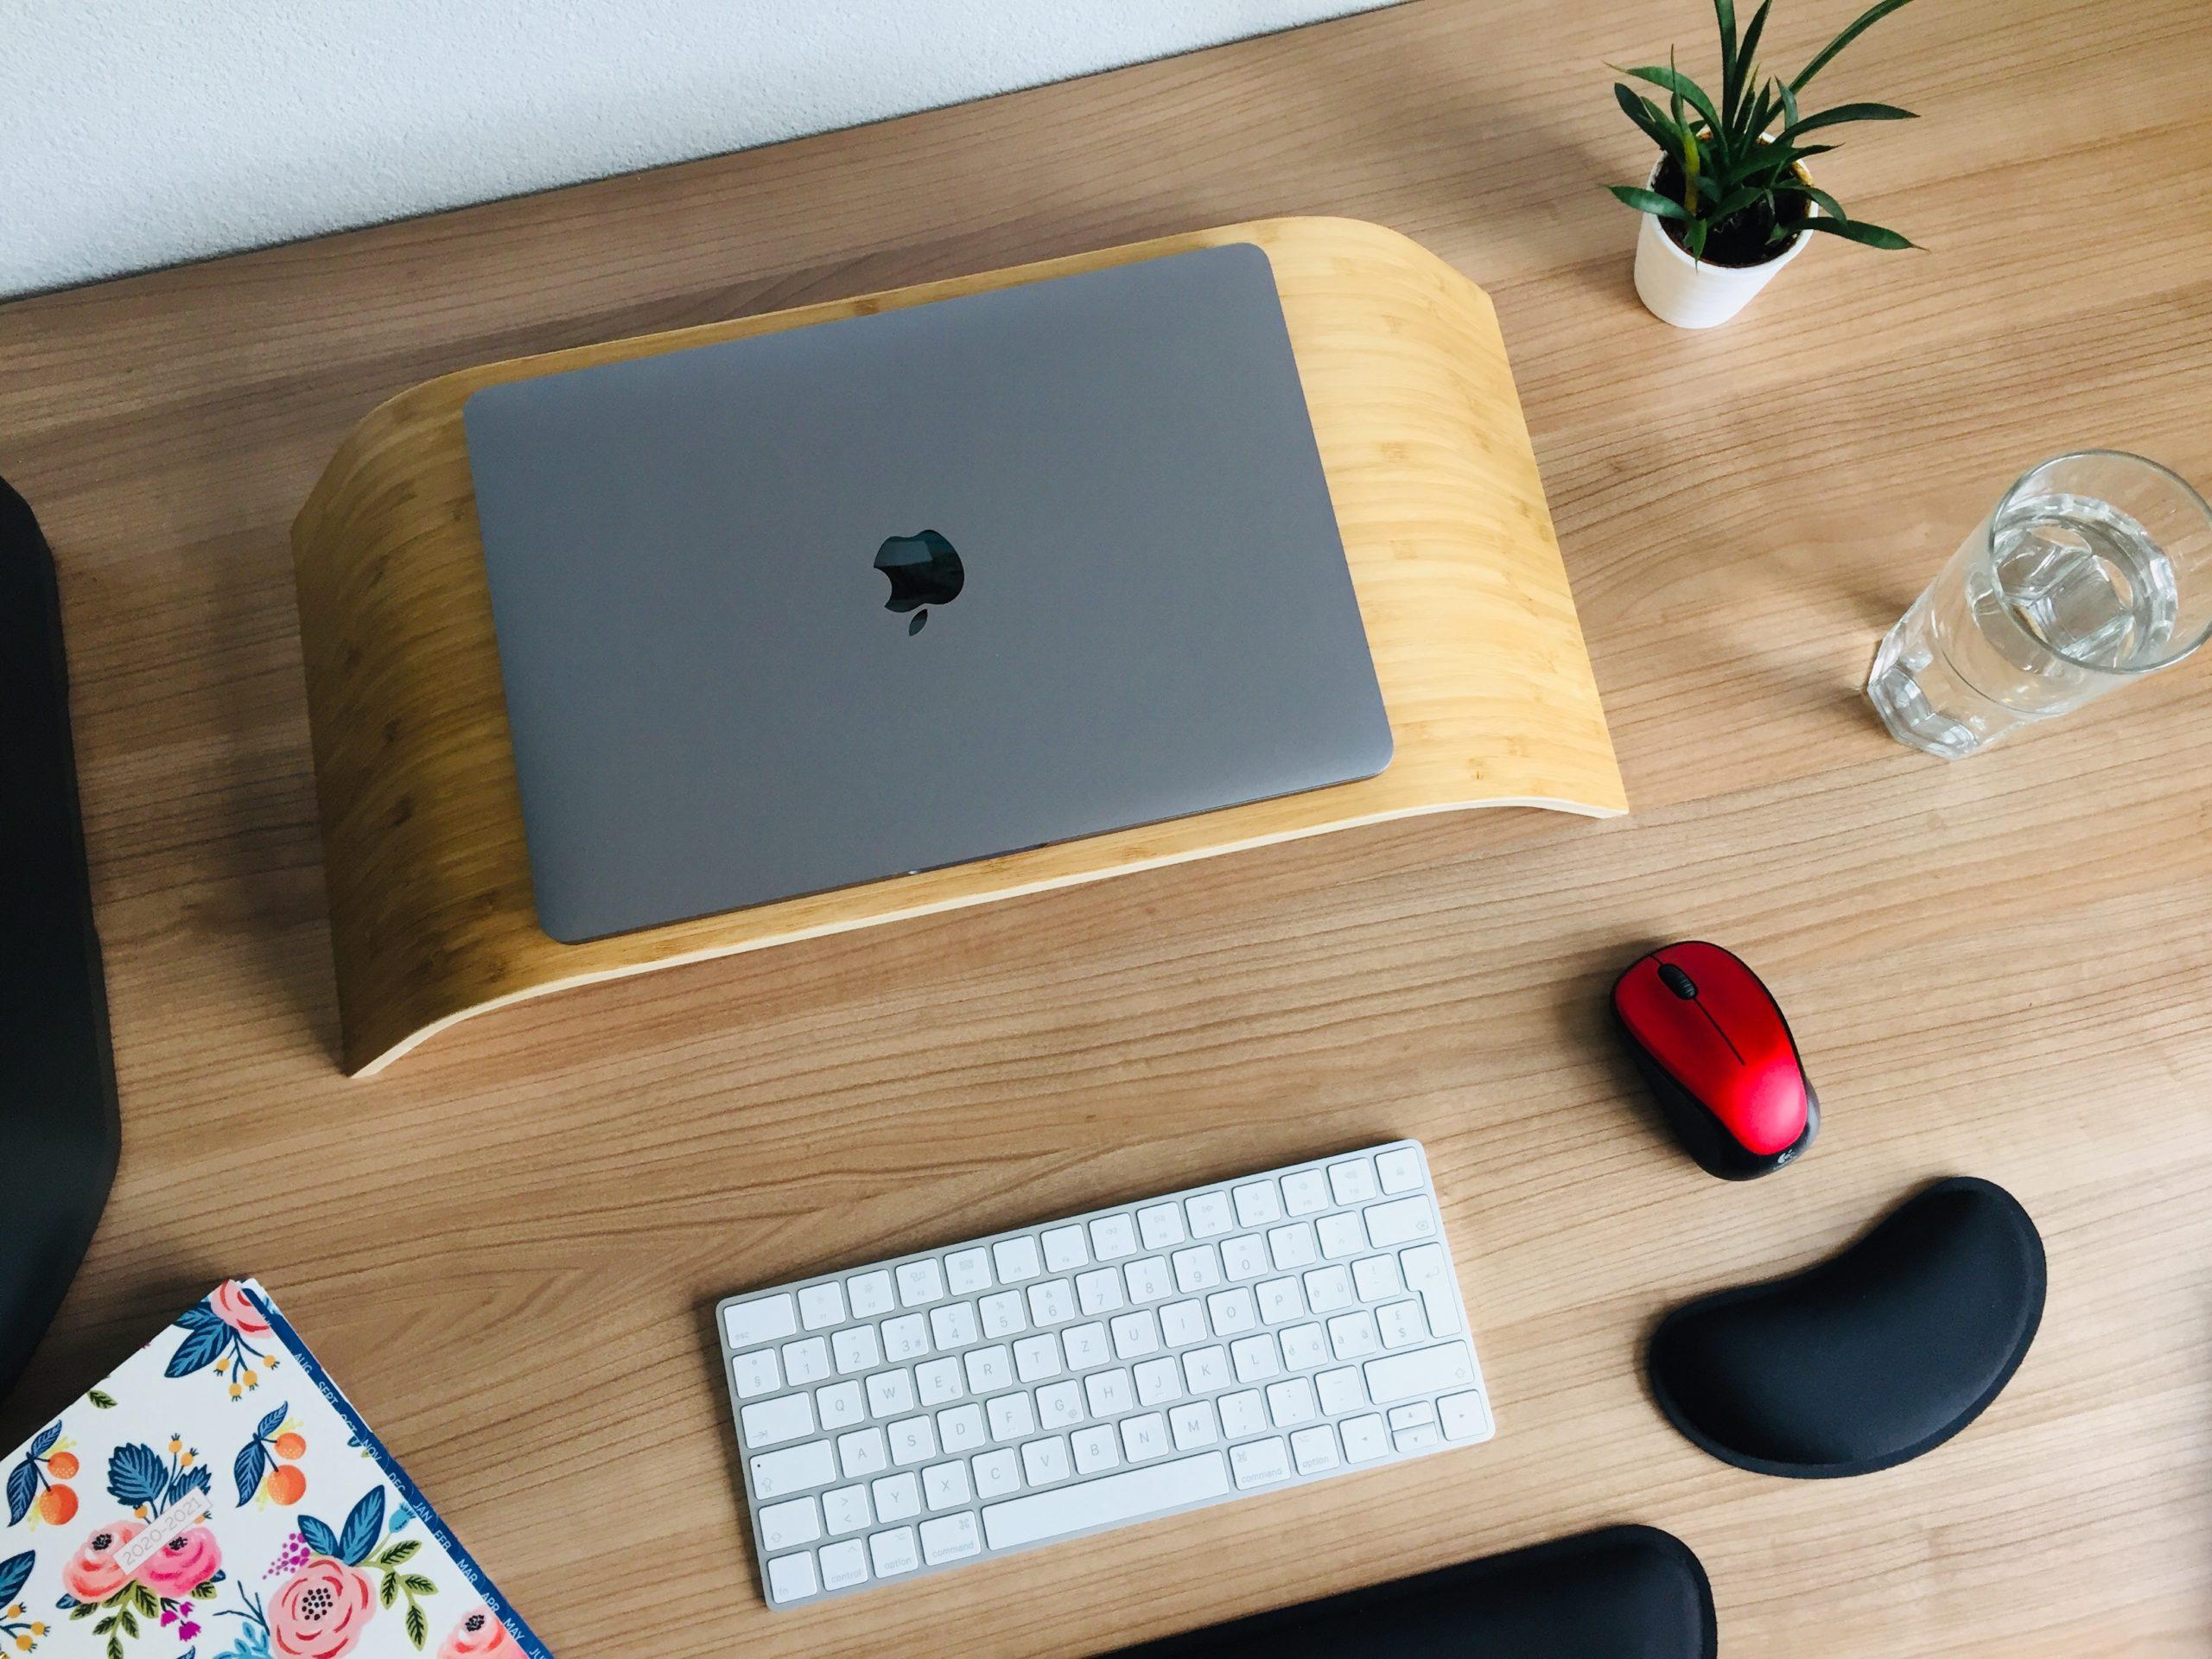 Ergonomischer Arbeitsplatz: Ein Laptop auf einer erhöhtem Bank. Davor Tastatur und Maus mit Handgelenks-Stützen.